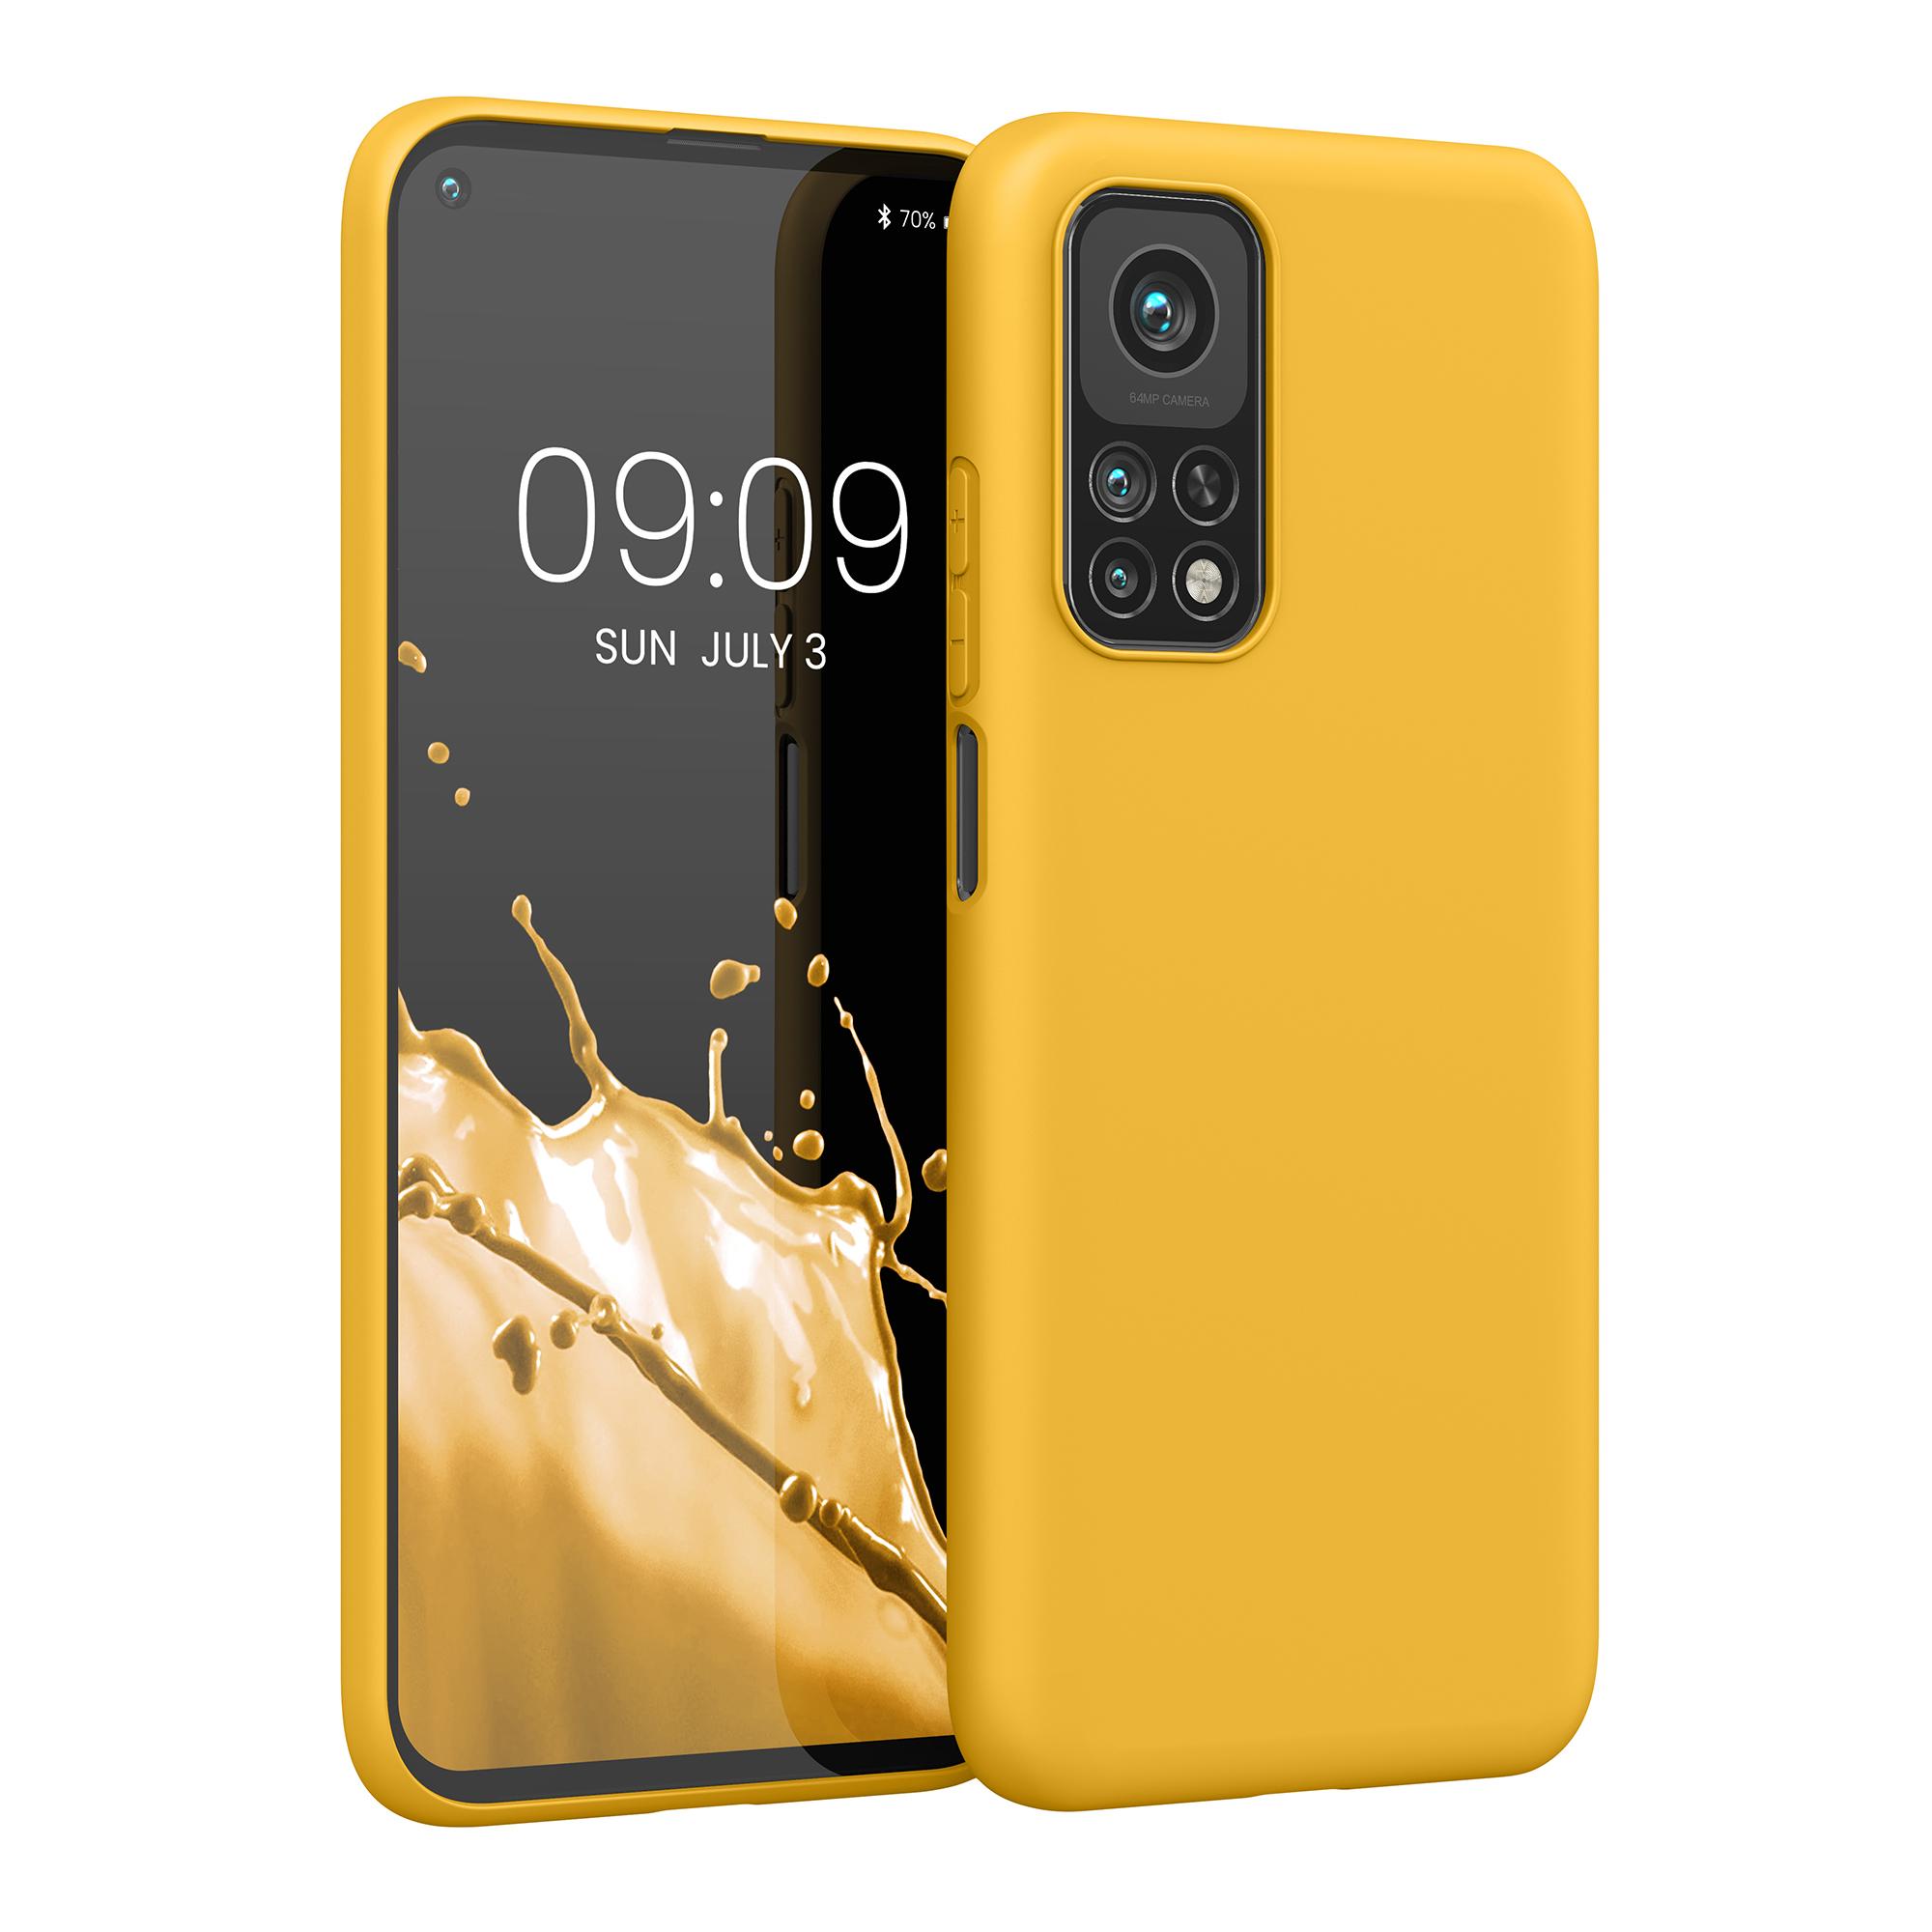 Medově žluté silikonové pouzdro / obal pro Xiaomi Mi 10T / Mi 10T Pro